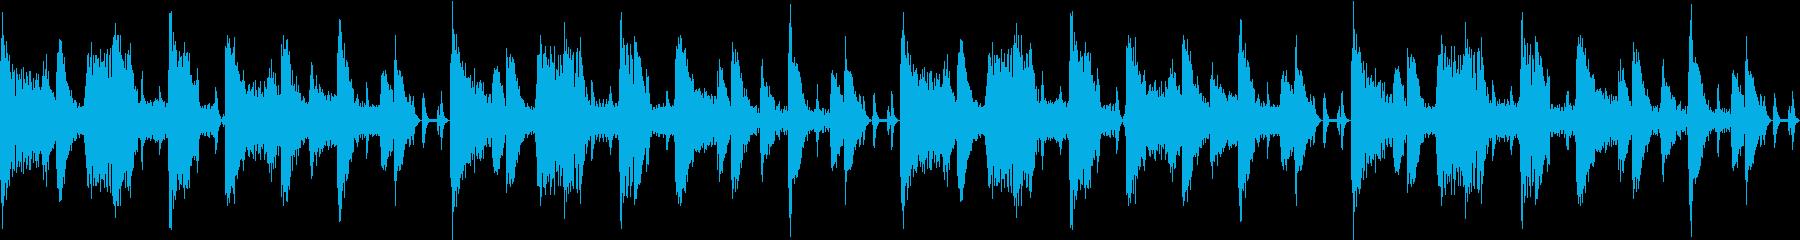 ギターとエレピの明るいシティポップ風の再生済みの波形